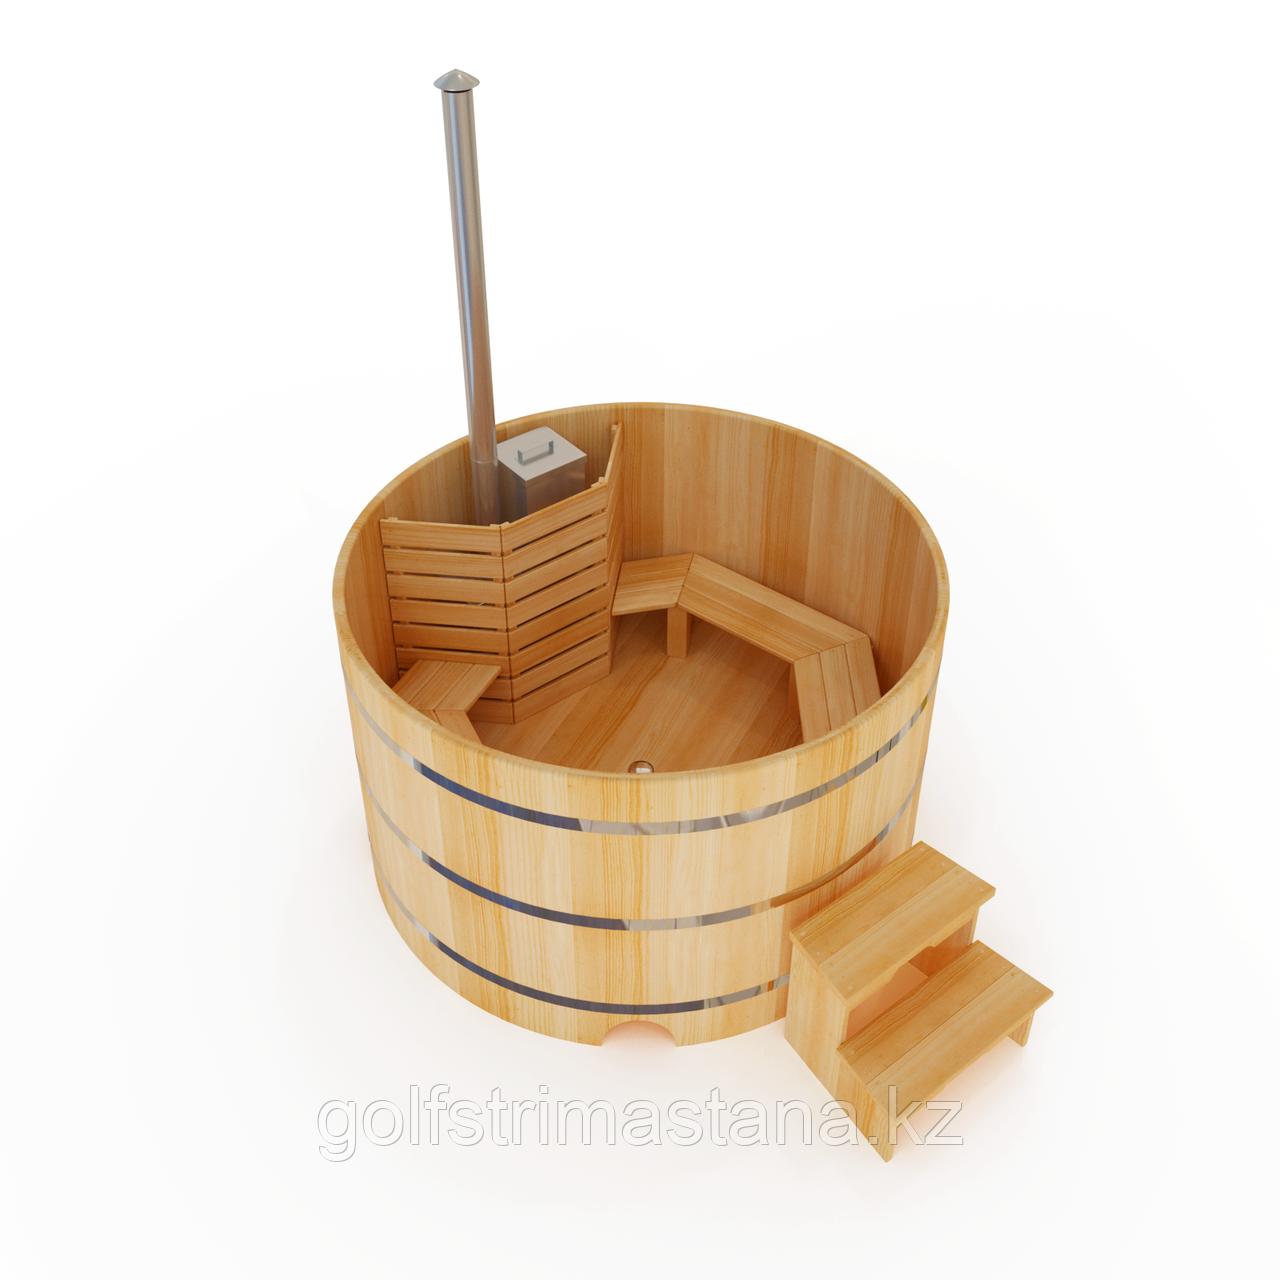 Фурако кедровая, Круглая, 120*180/4 см, печь внутри, Стандарт